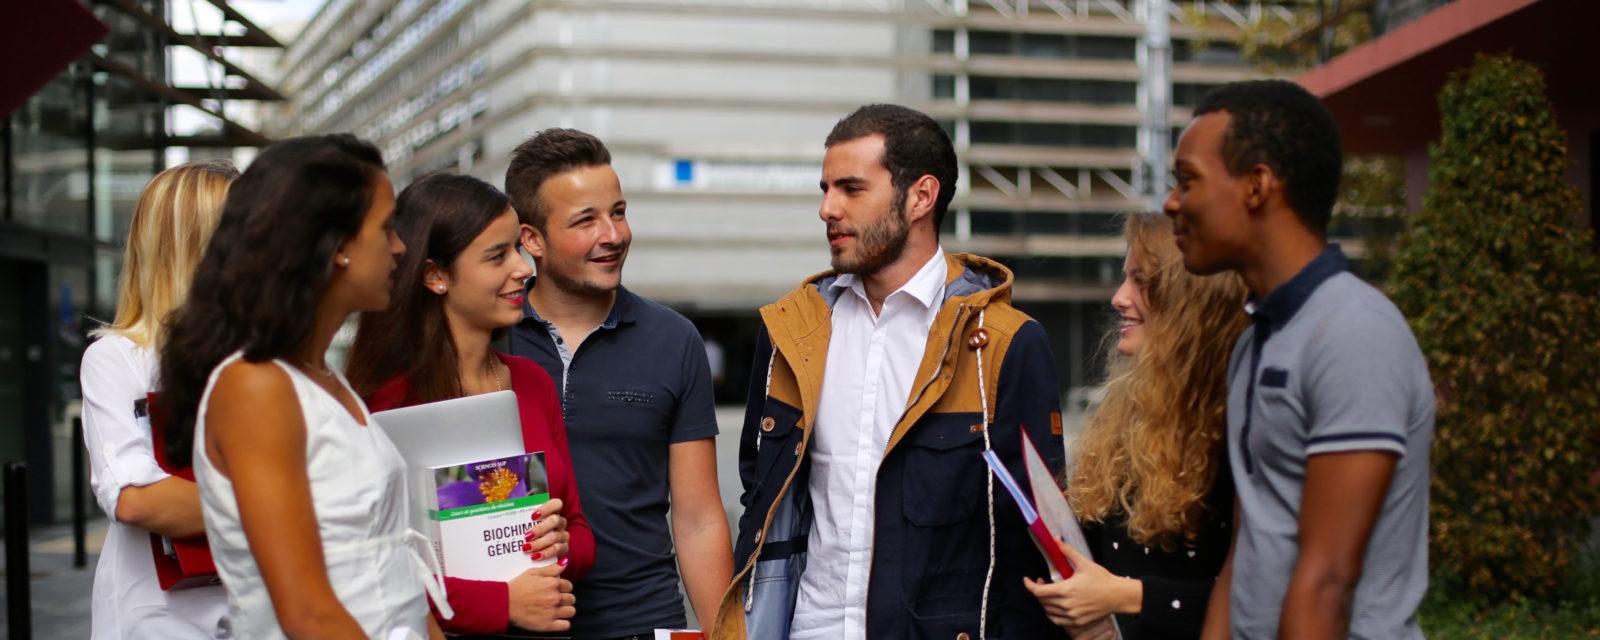 Évolution des publics étudiants : quels possibles pour notre université ?